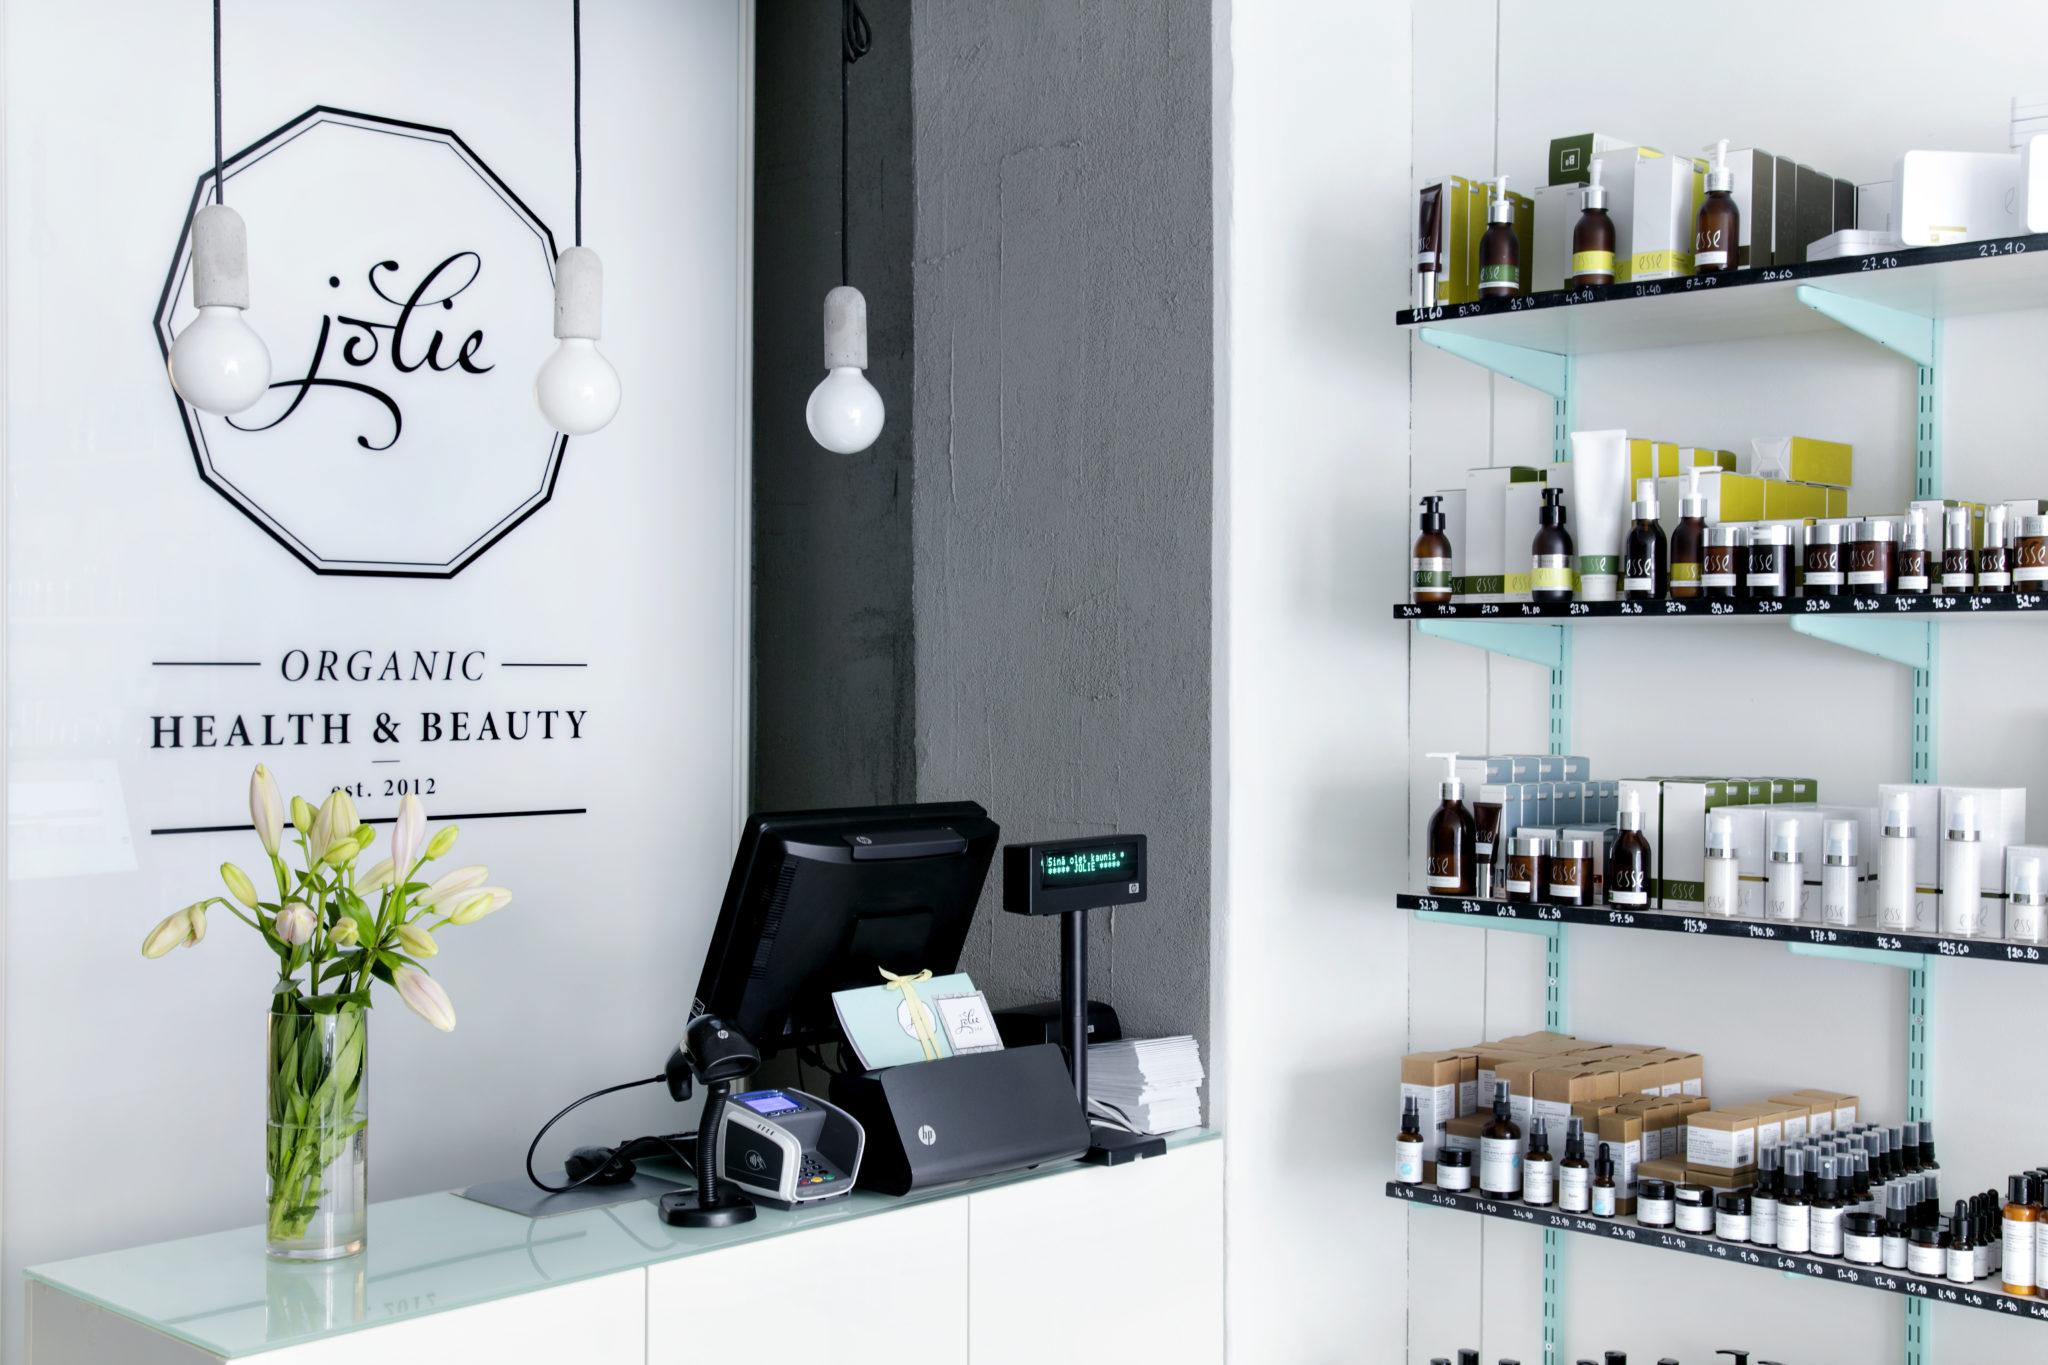 Jolie shop 1